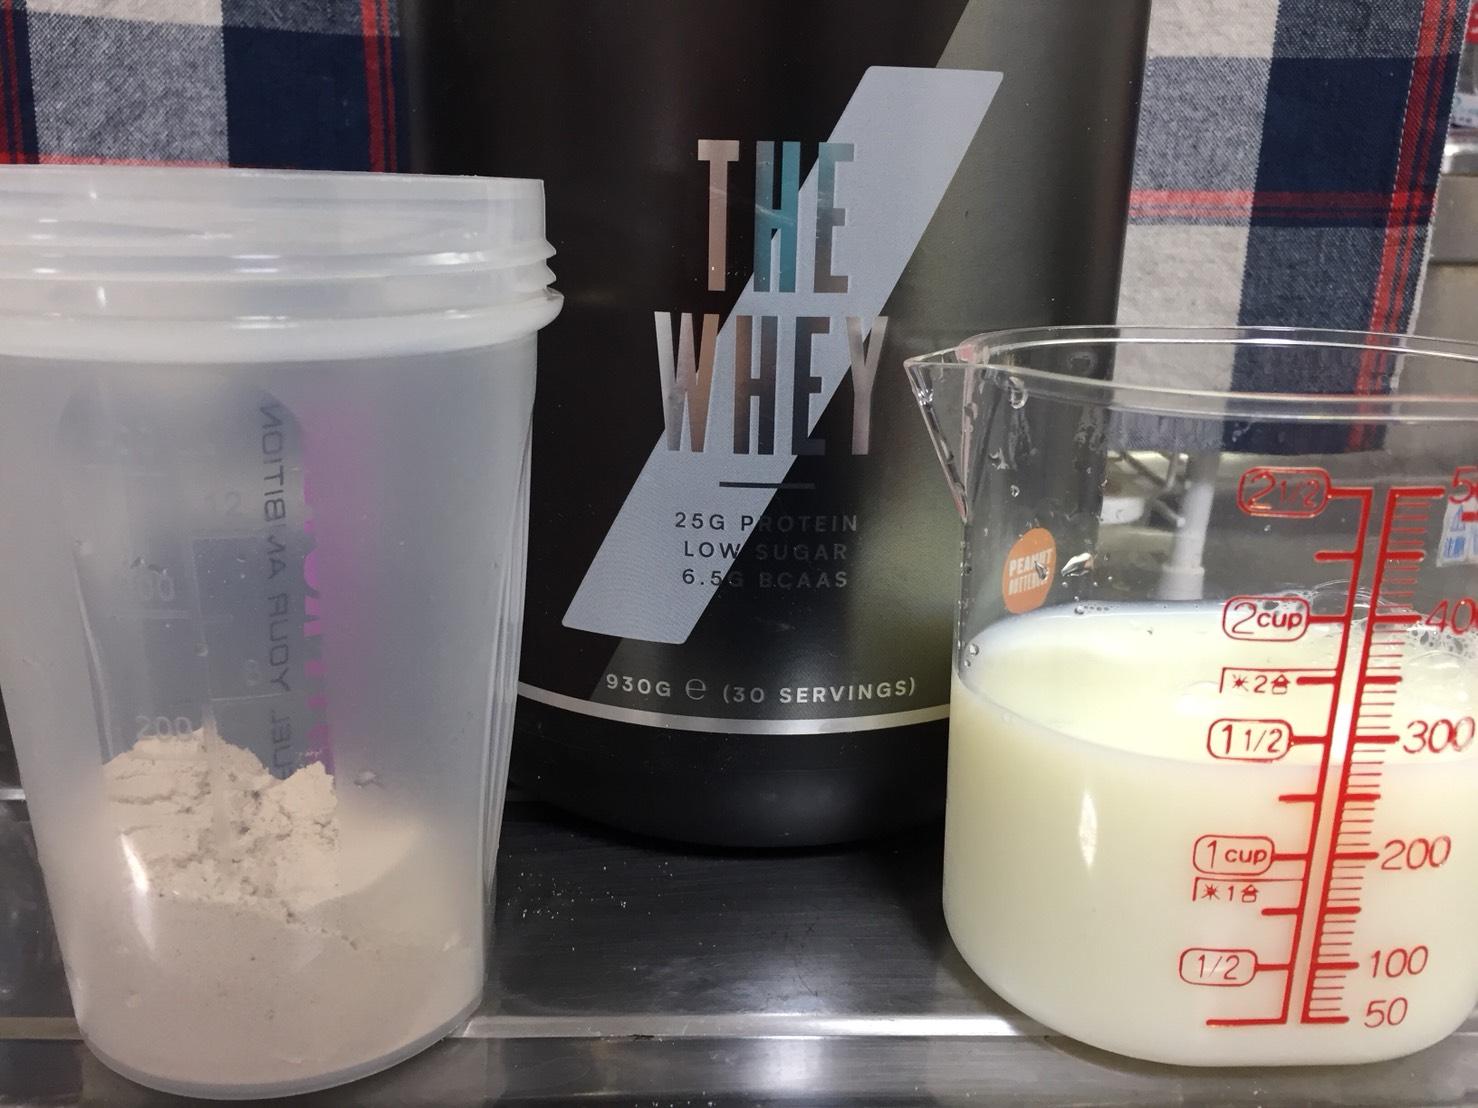 THE WHEY「ピーナッツバターカップ味」を250mlの無脂肪牛乳に溶かします